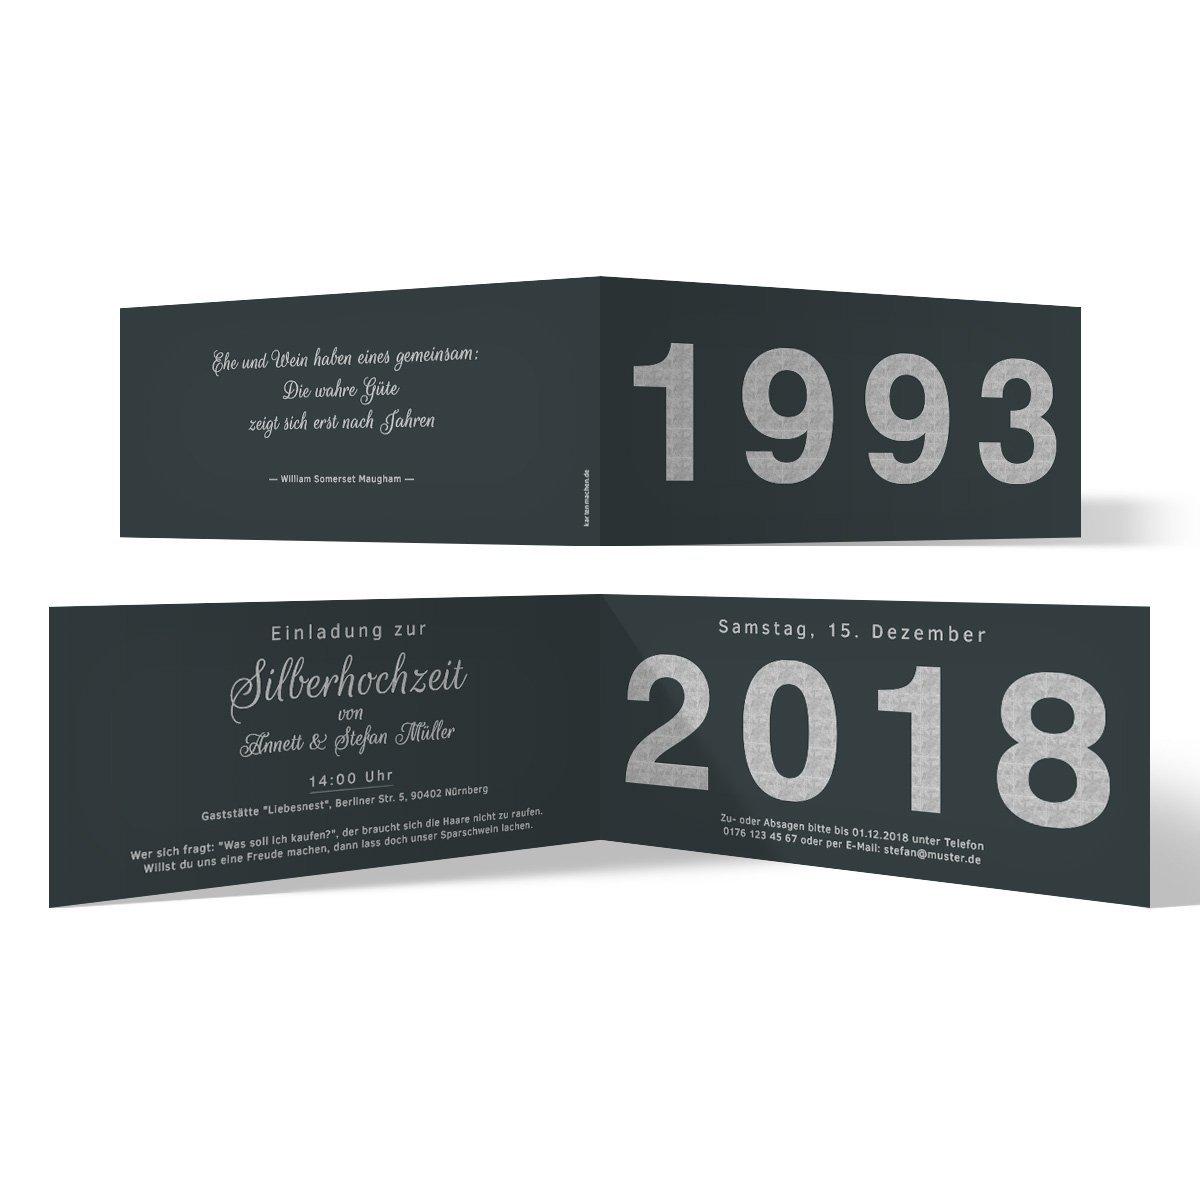 100 x Hochzeitseinladungen Silberhochzeit silberne Hochzeit Einladung - Jahrzehnt Sprung B07G2JXZ8S | Deutschland Berlin  | Online einkaufen  | Modern Und Elegant